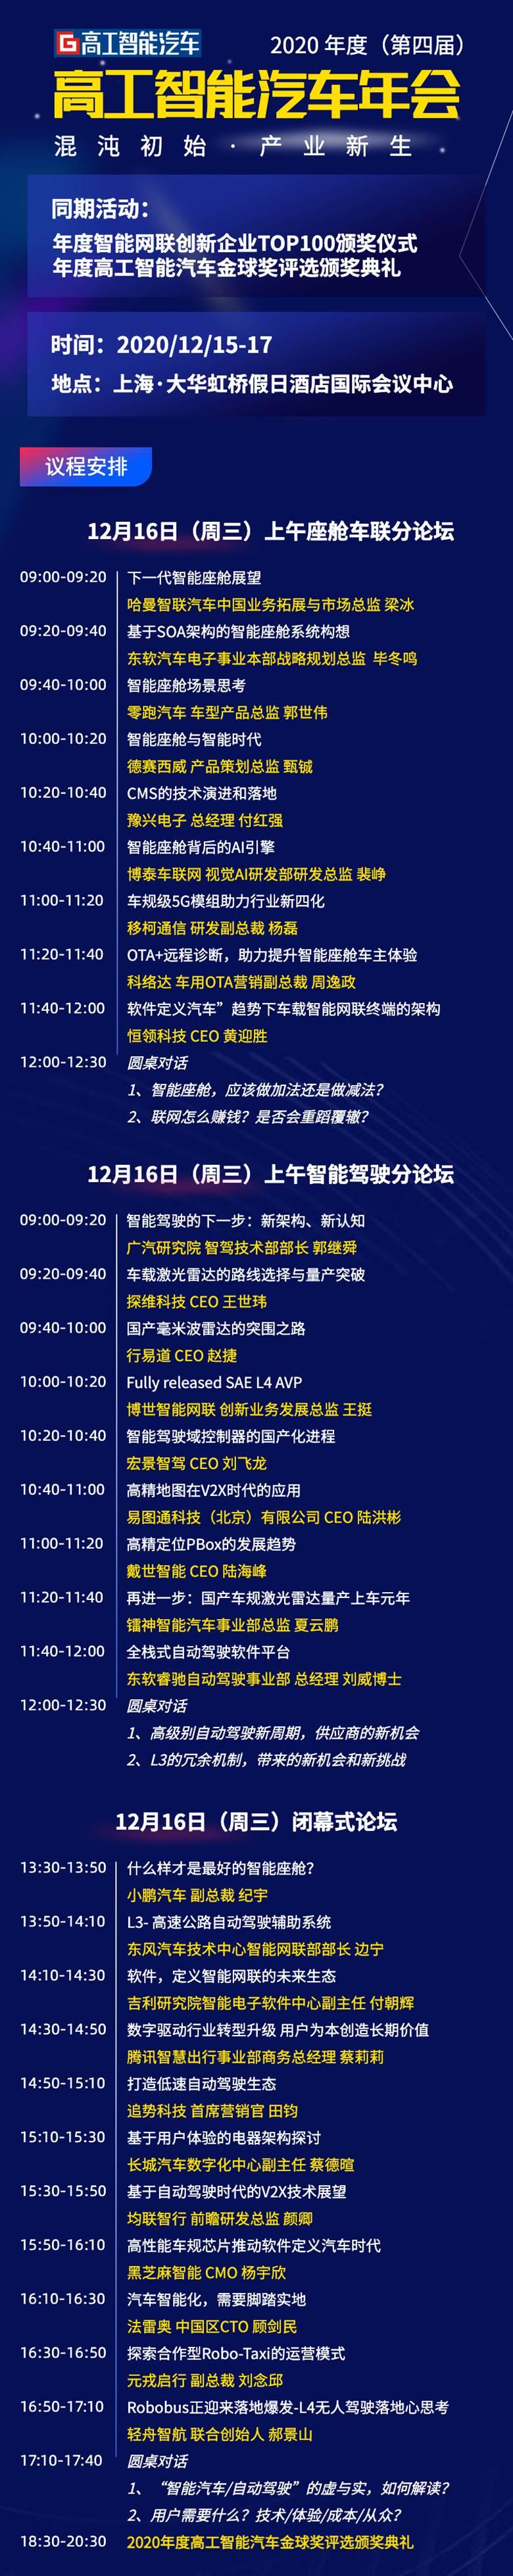 副本_科技峰会直播讲座流程安排长图海报.jpg